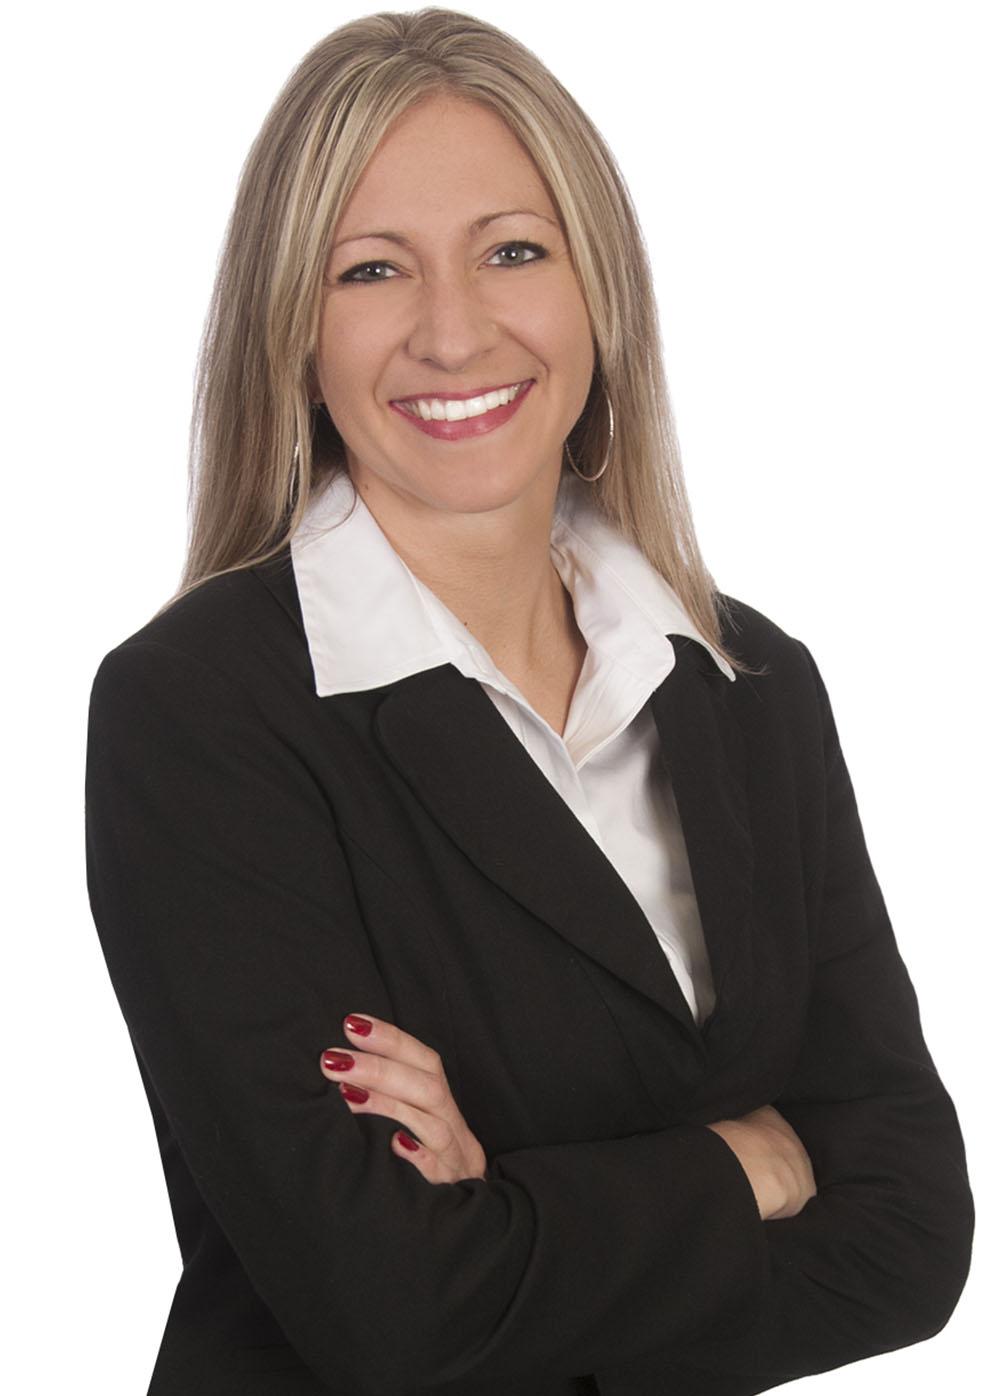 Heather Fernholz